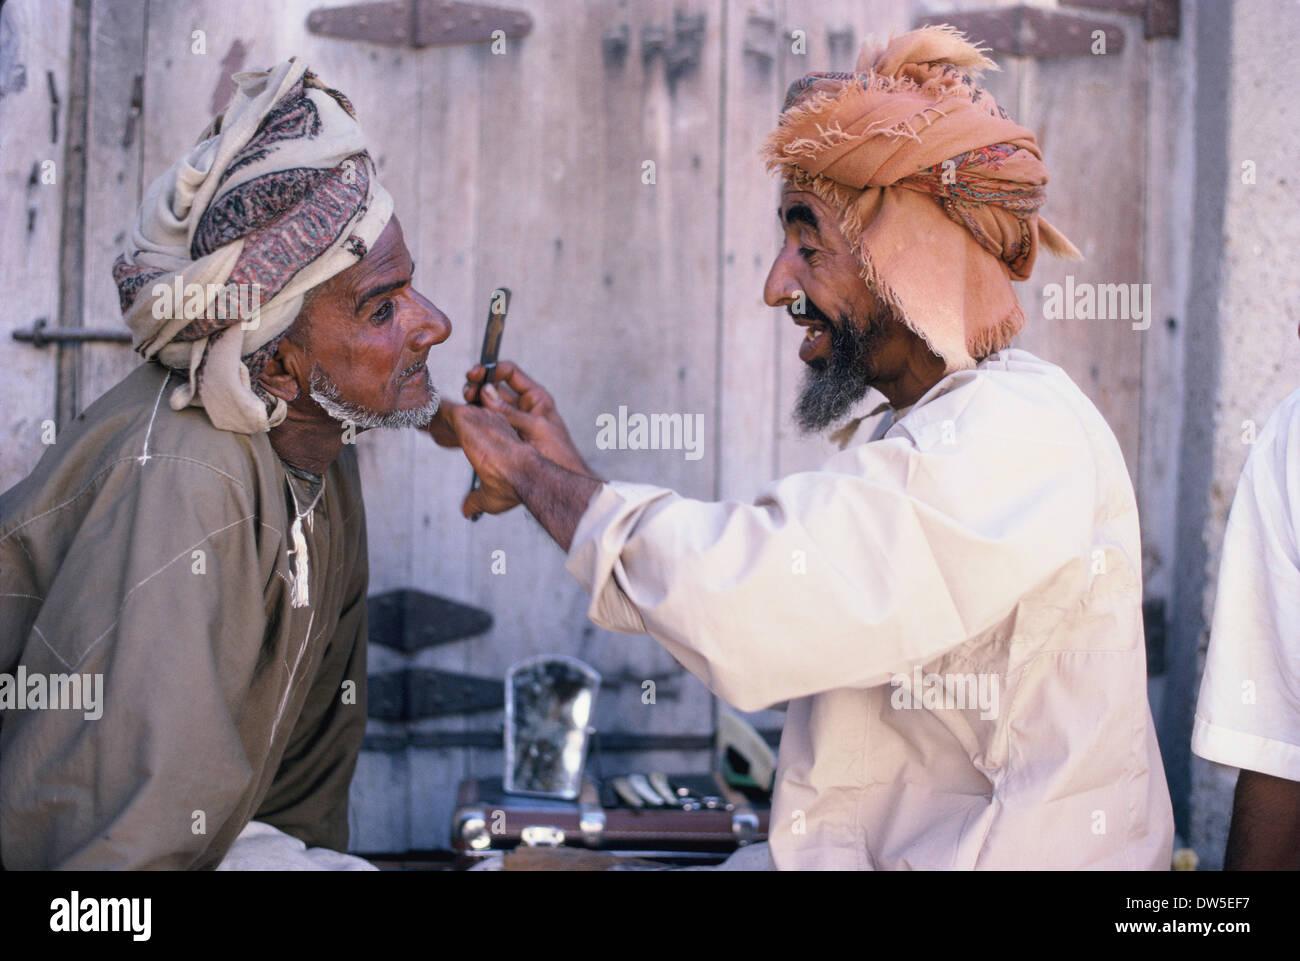 Barber y cliente de Omán, Mascate, 1969. La cultura tradicional omaní y vestimenta. Imagen De Stock